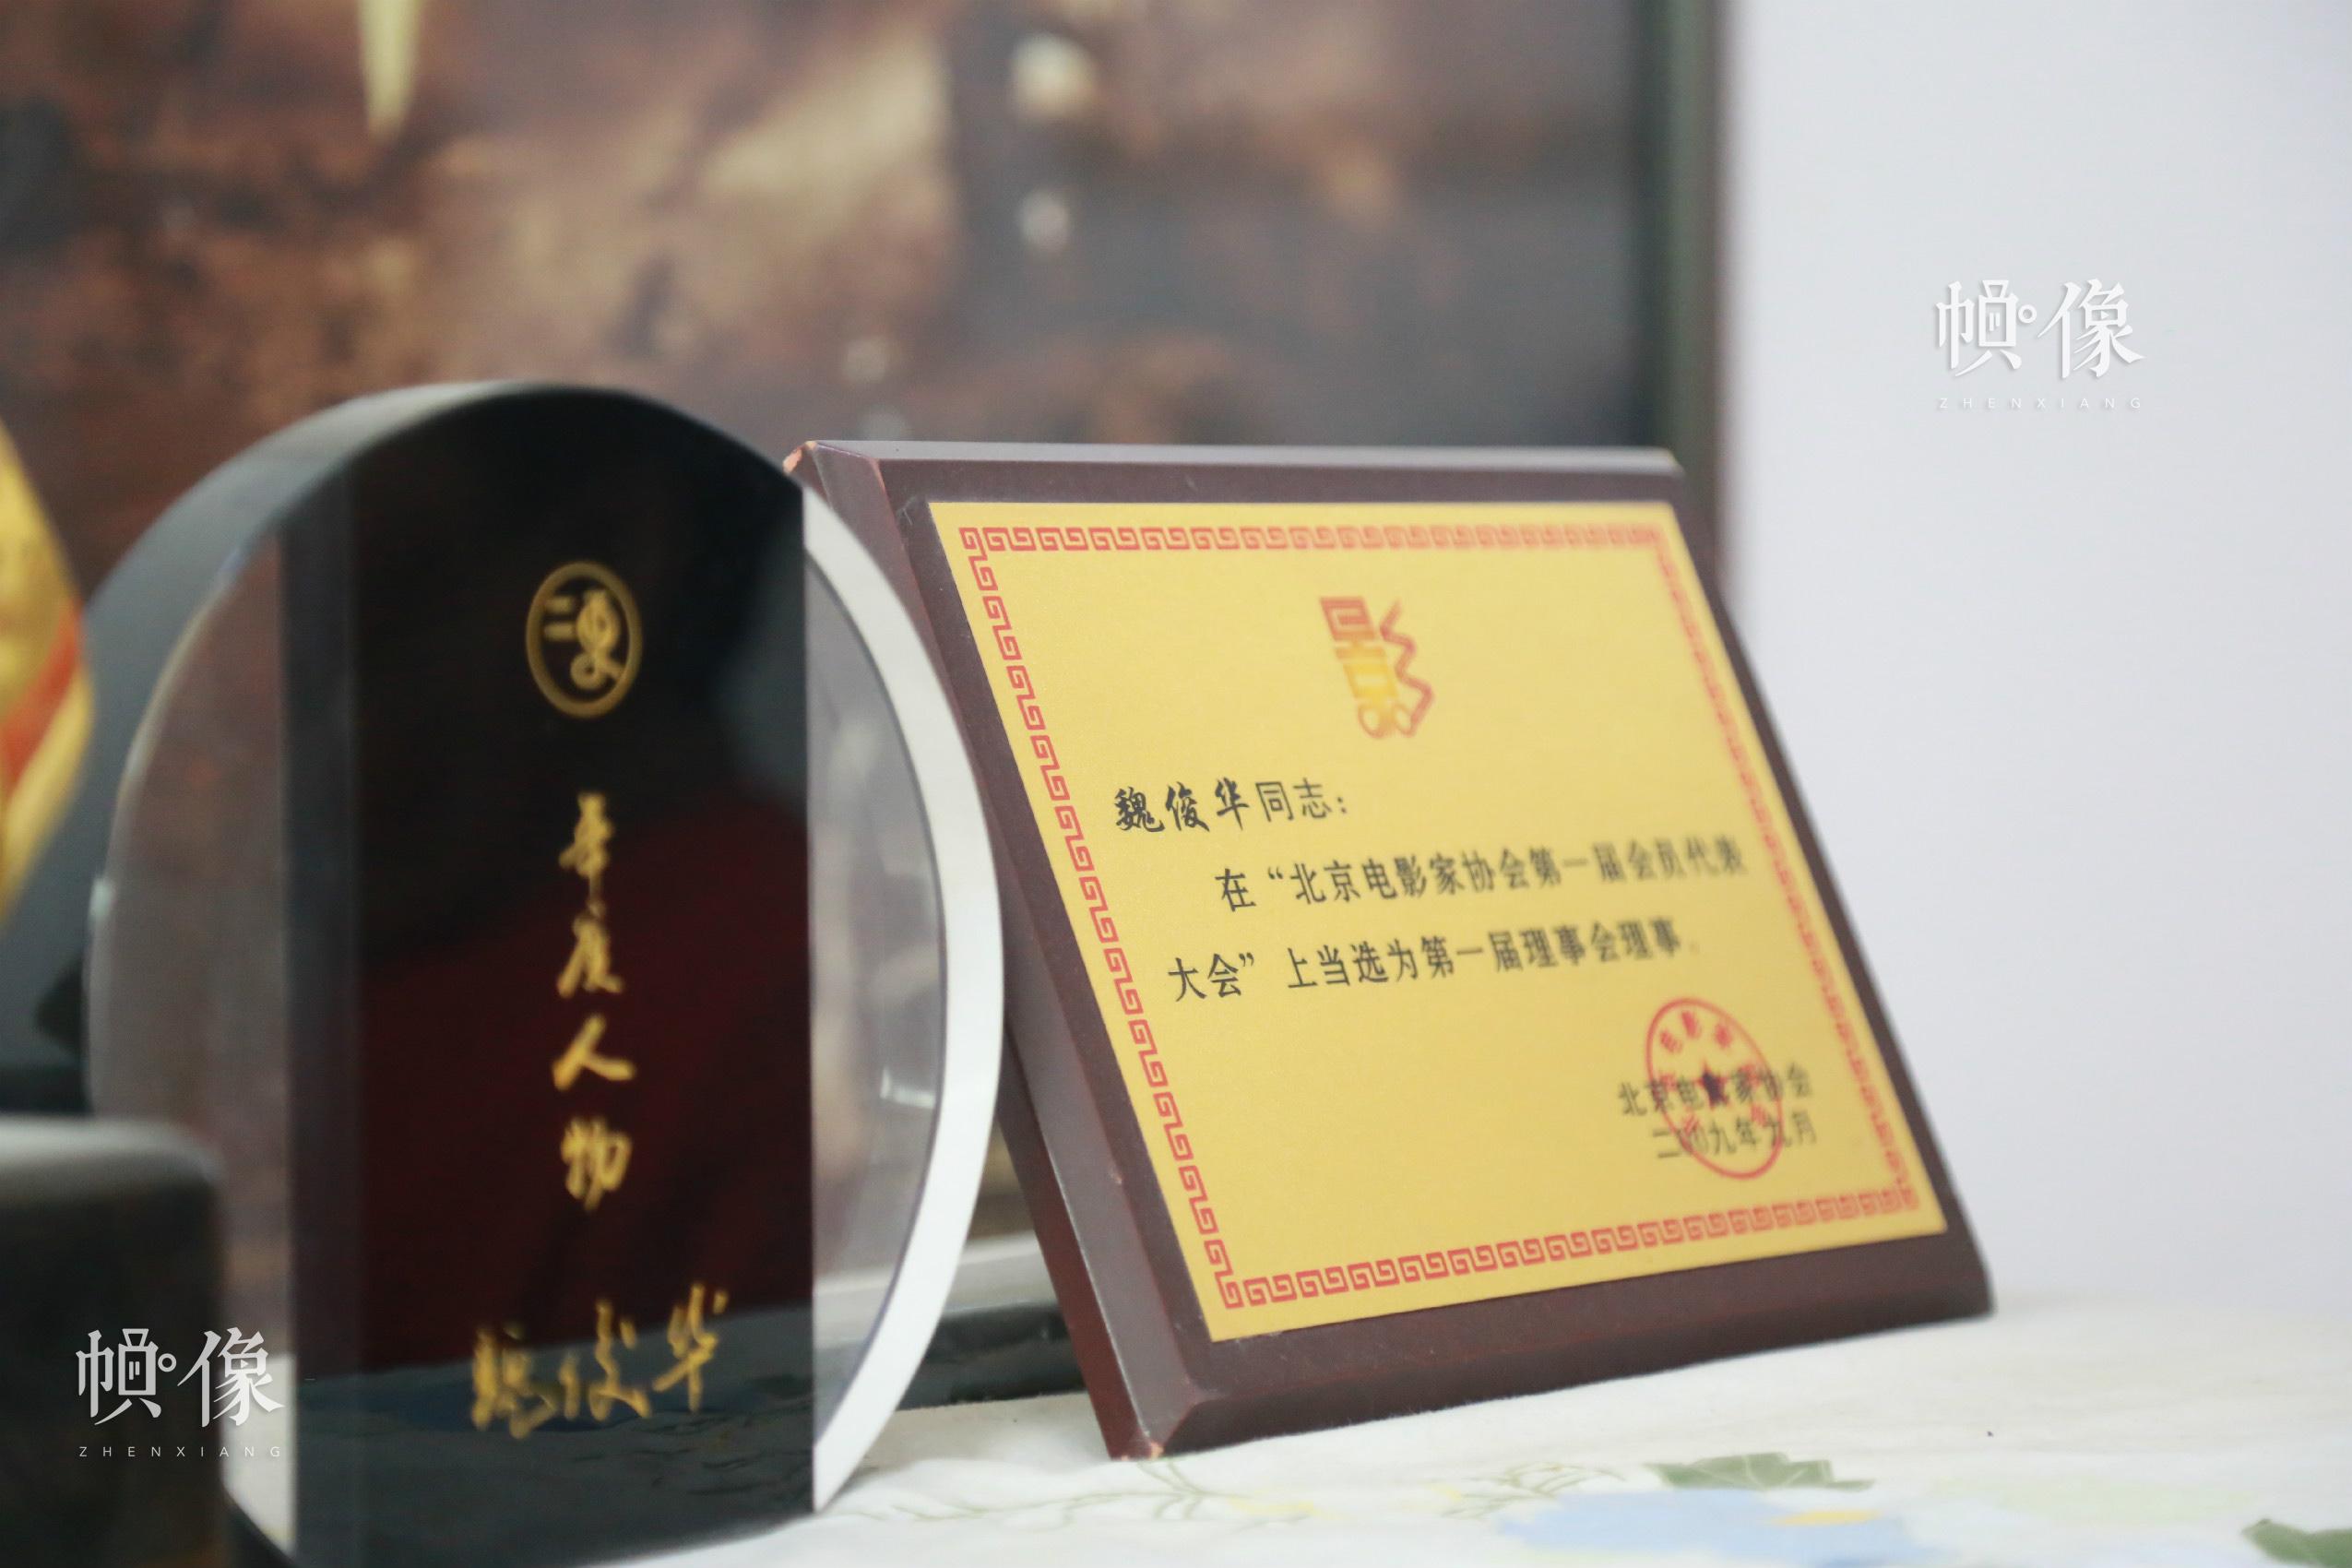 拟音师魏俊华当选北京电影家协会第一届理事。 中国网实习记者 黄牧晨 摄